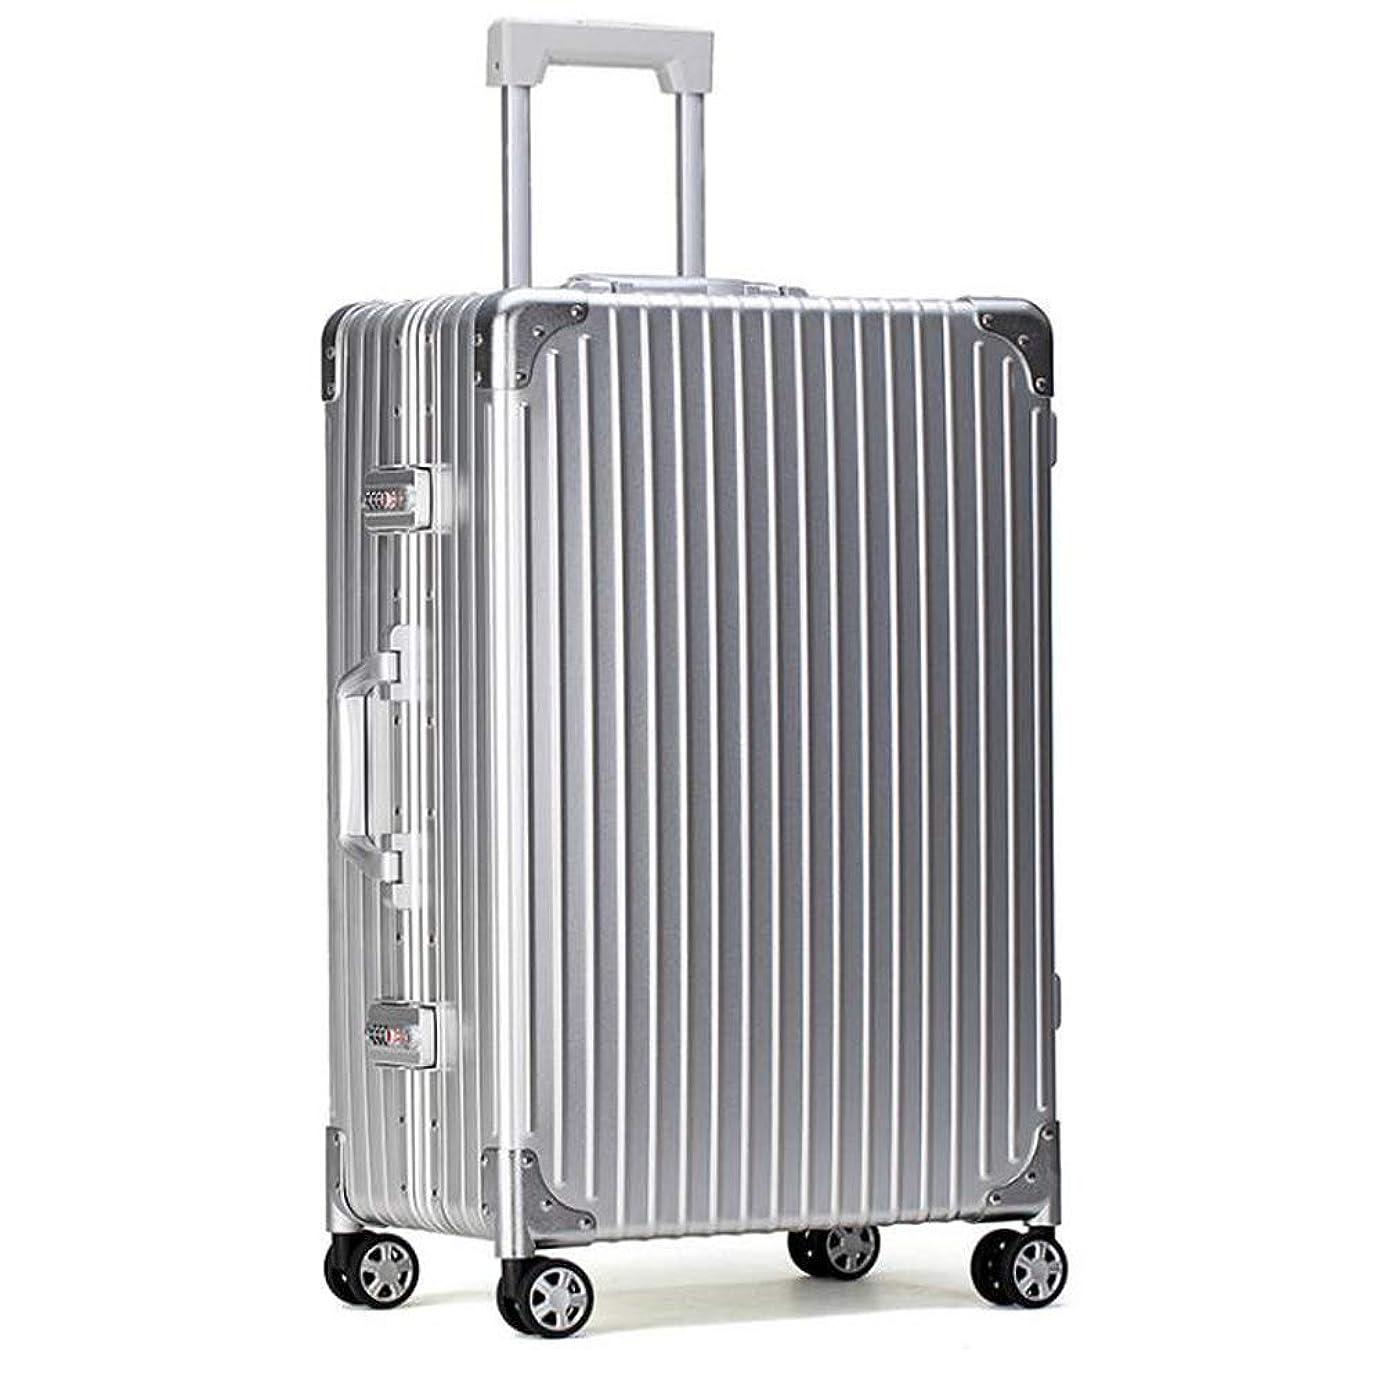 メイエラチートスケッチスーツケース軽量耐久性のあるハードシェルアルミマグネシウム合金キャビンハンド荷物スーツケーストラベルバッグ4輪&内蔵コンビネーションロック 42*25*61cm